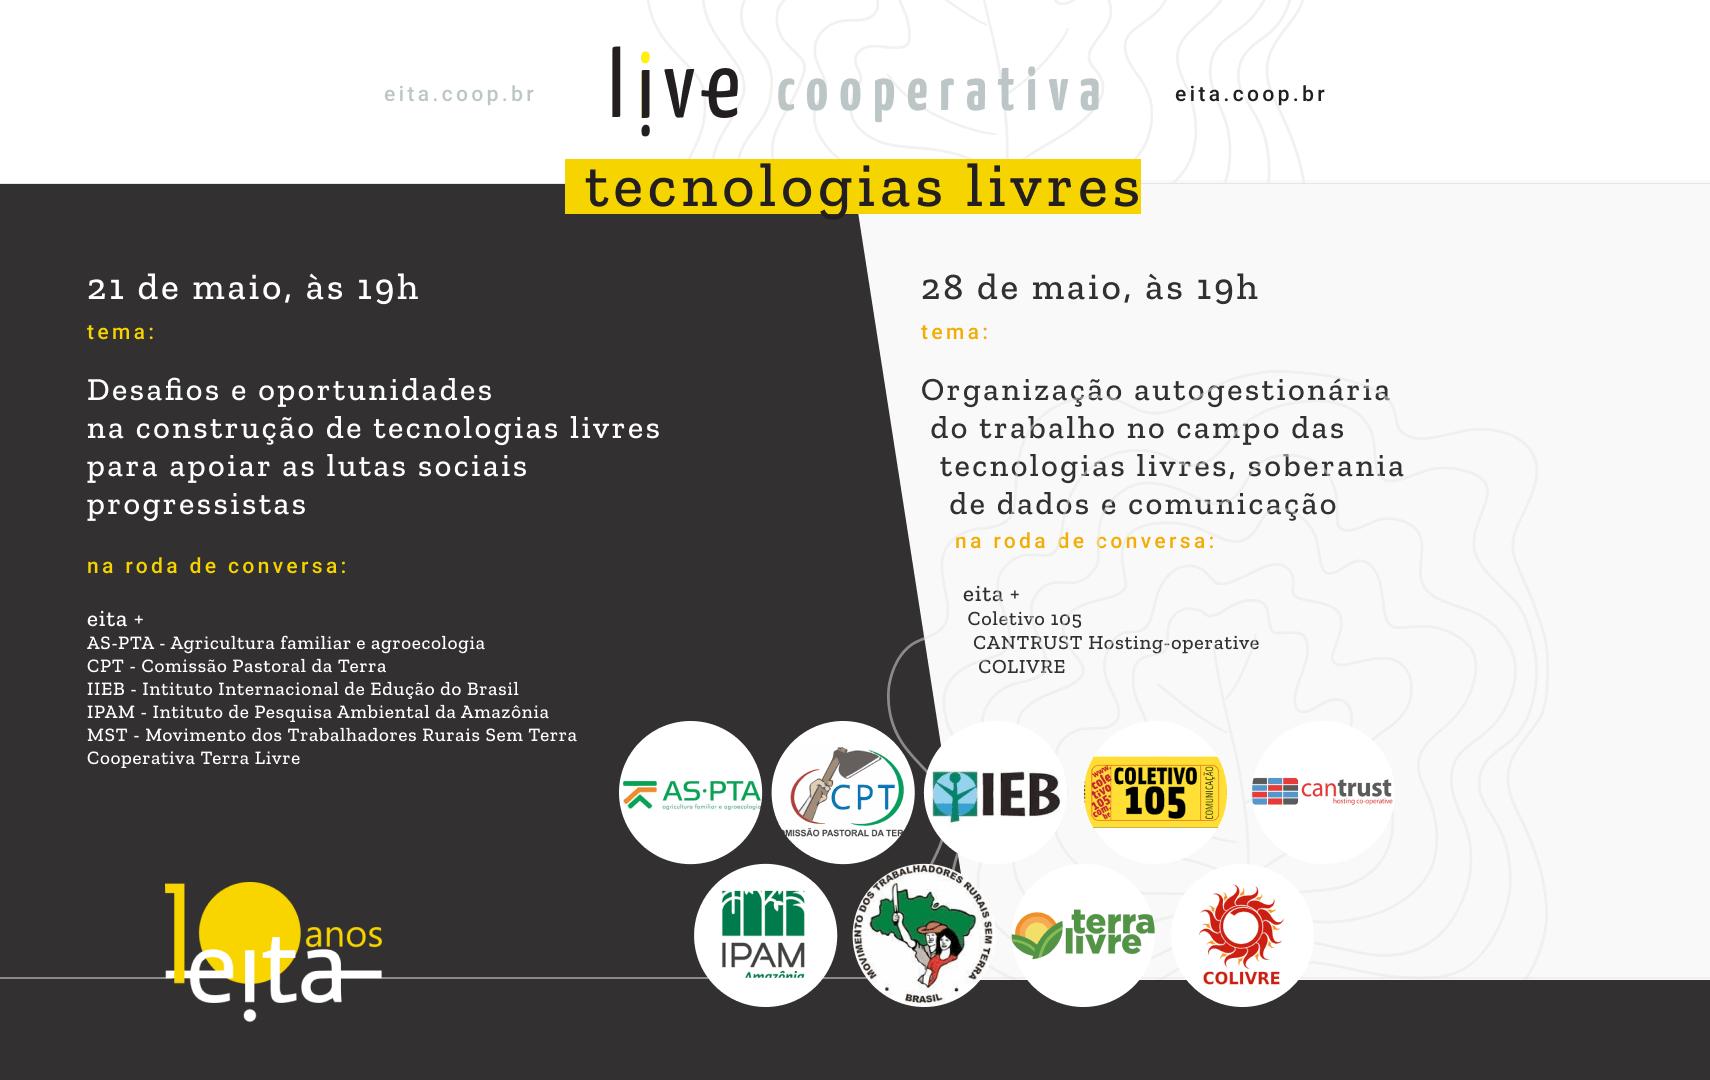 #LiveCooperativa: EITA realiza atividades gratuitas para celebrar os 10 anos da cooperativa